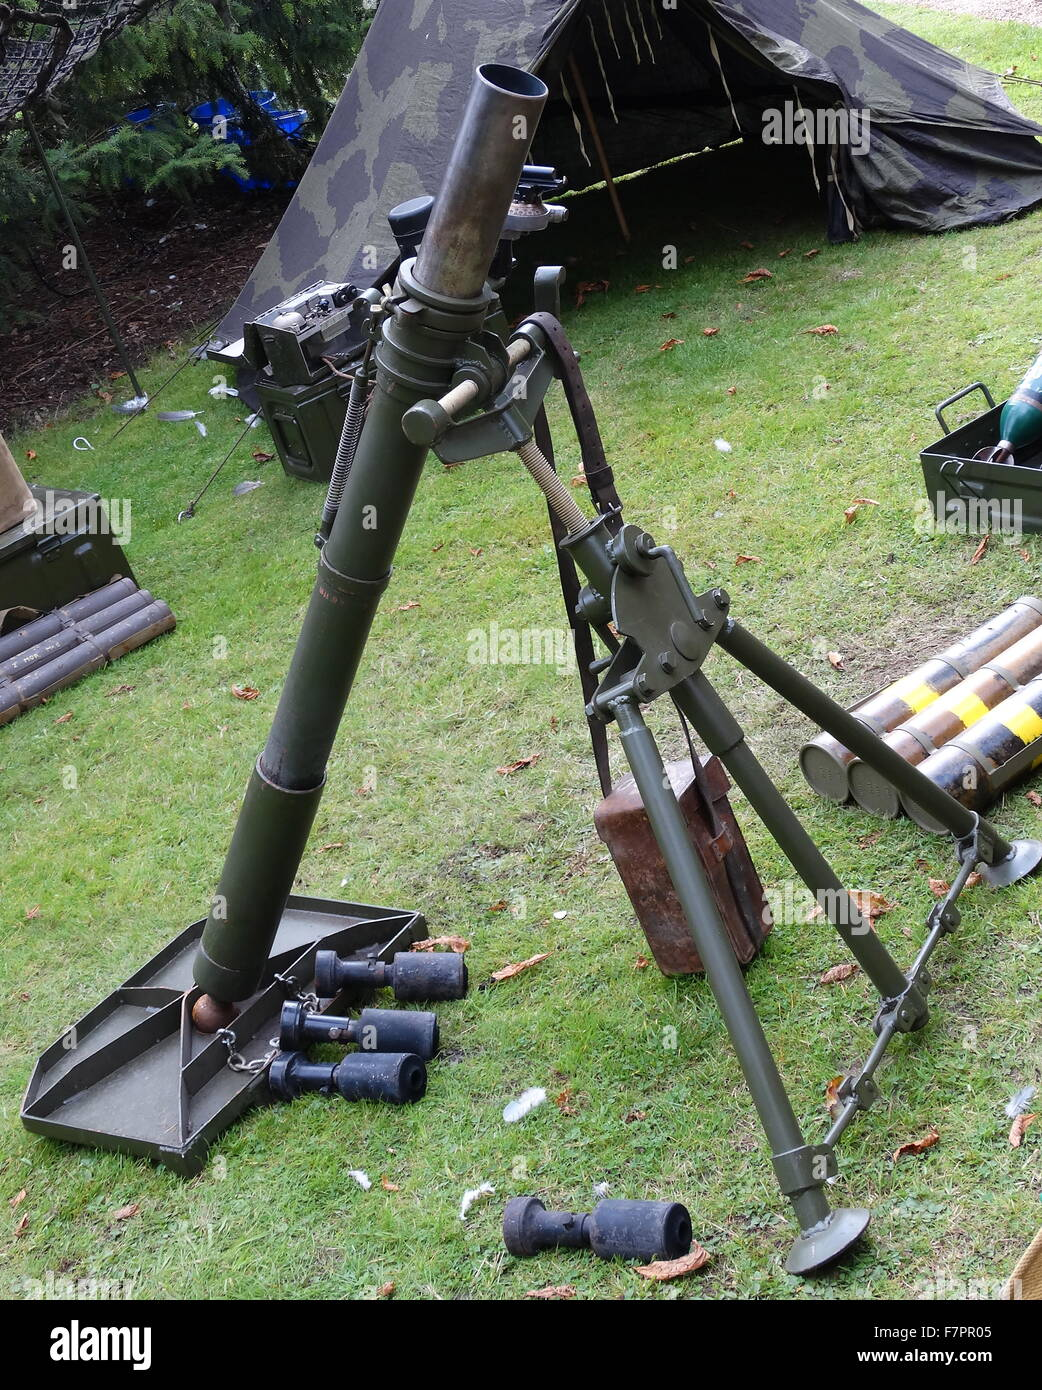 la seconde guerre mondiale l 39 arm e britannique de mortier sur le terrain banque d 39 images photo. Black Bedroom Furniture Sets. Home Design Ideas